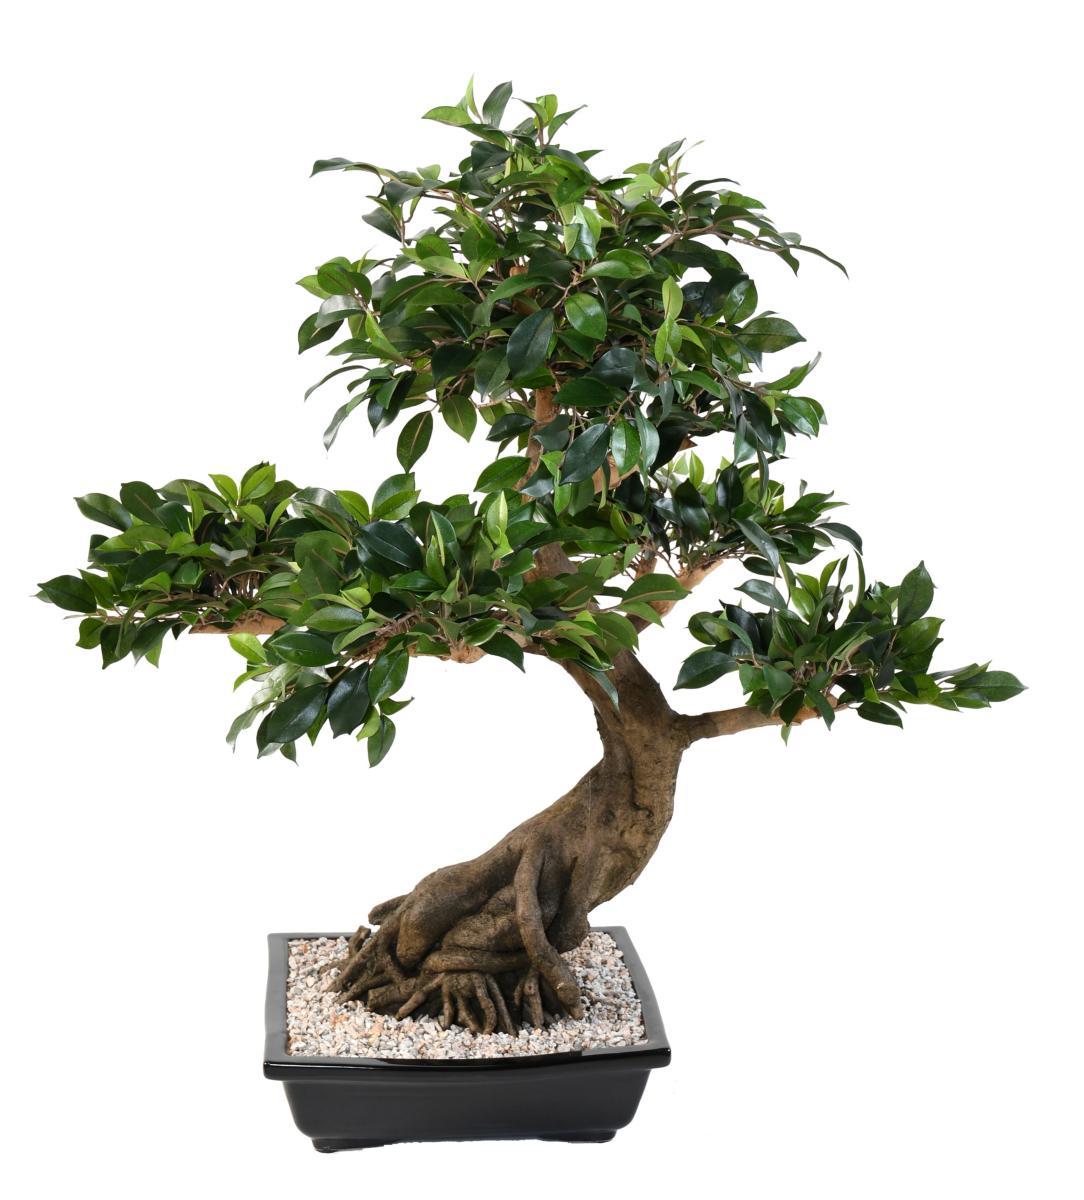 https://www.artificielflower.com/Files/34015/Img/19/Bonsai-artificiel-arbre-miniature-Ficus-en-coupe-plante-d-interieur-H-78-cm-.jpg